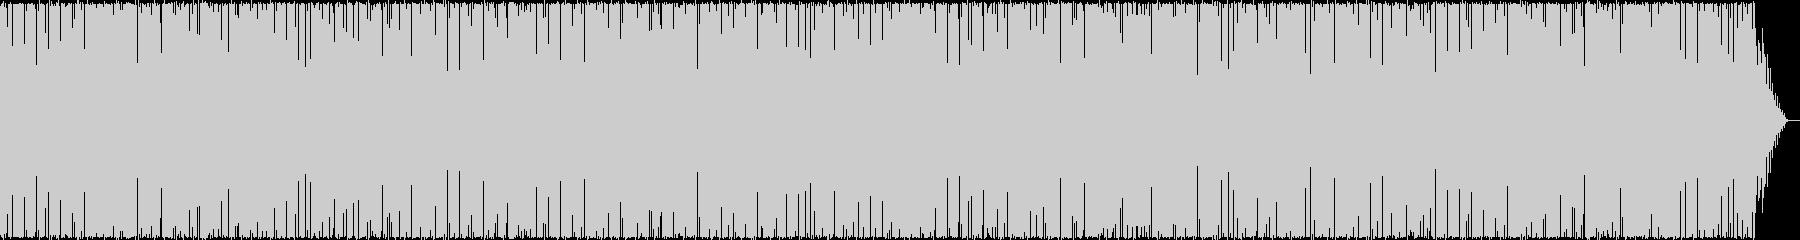 清涼感ある明るいアップテンポのハウスの曲の未再生の波形